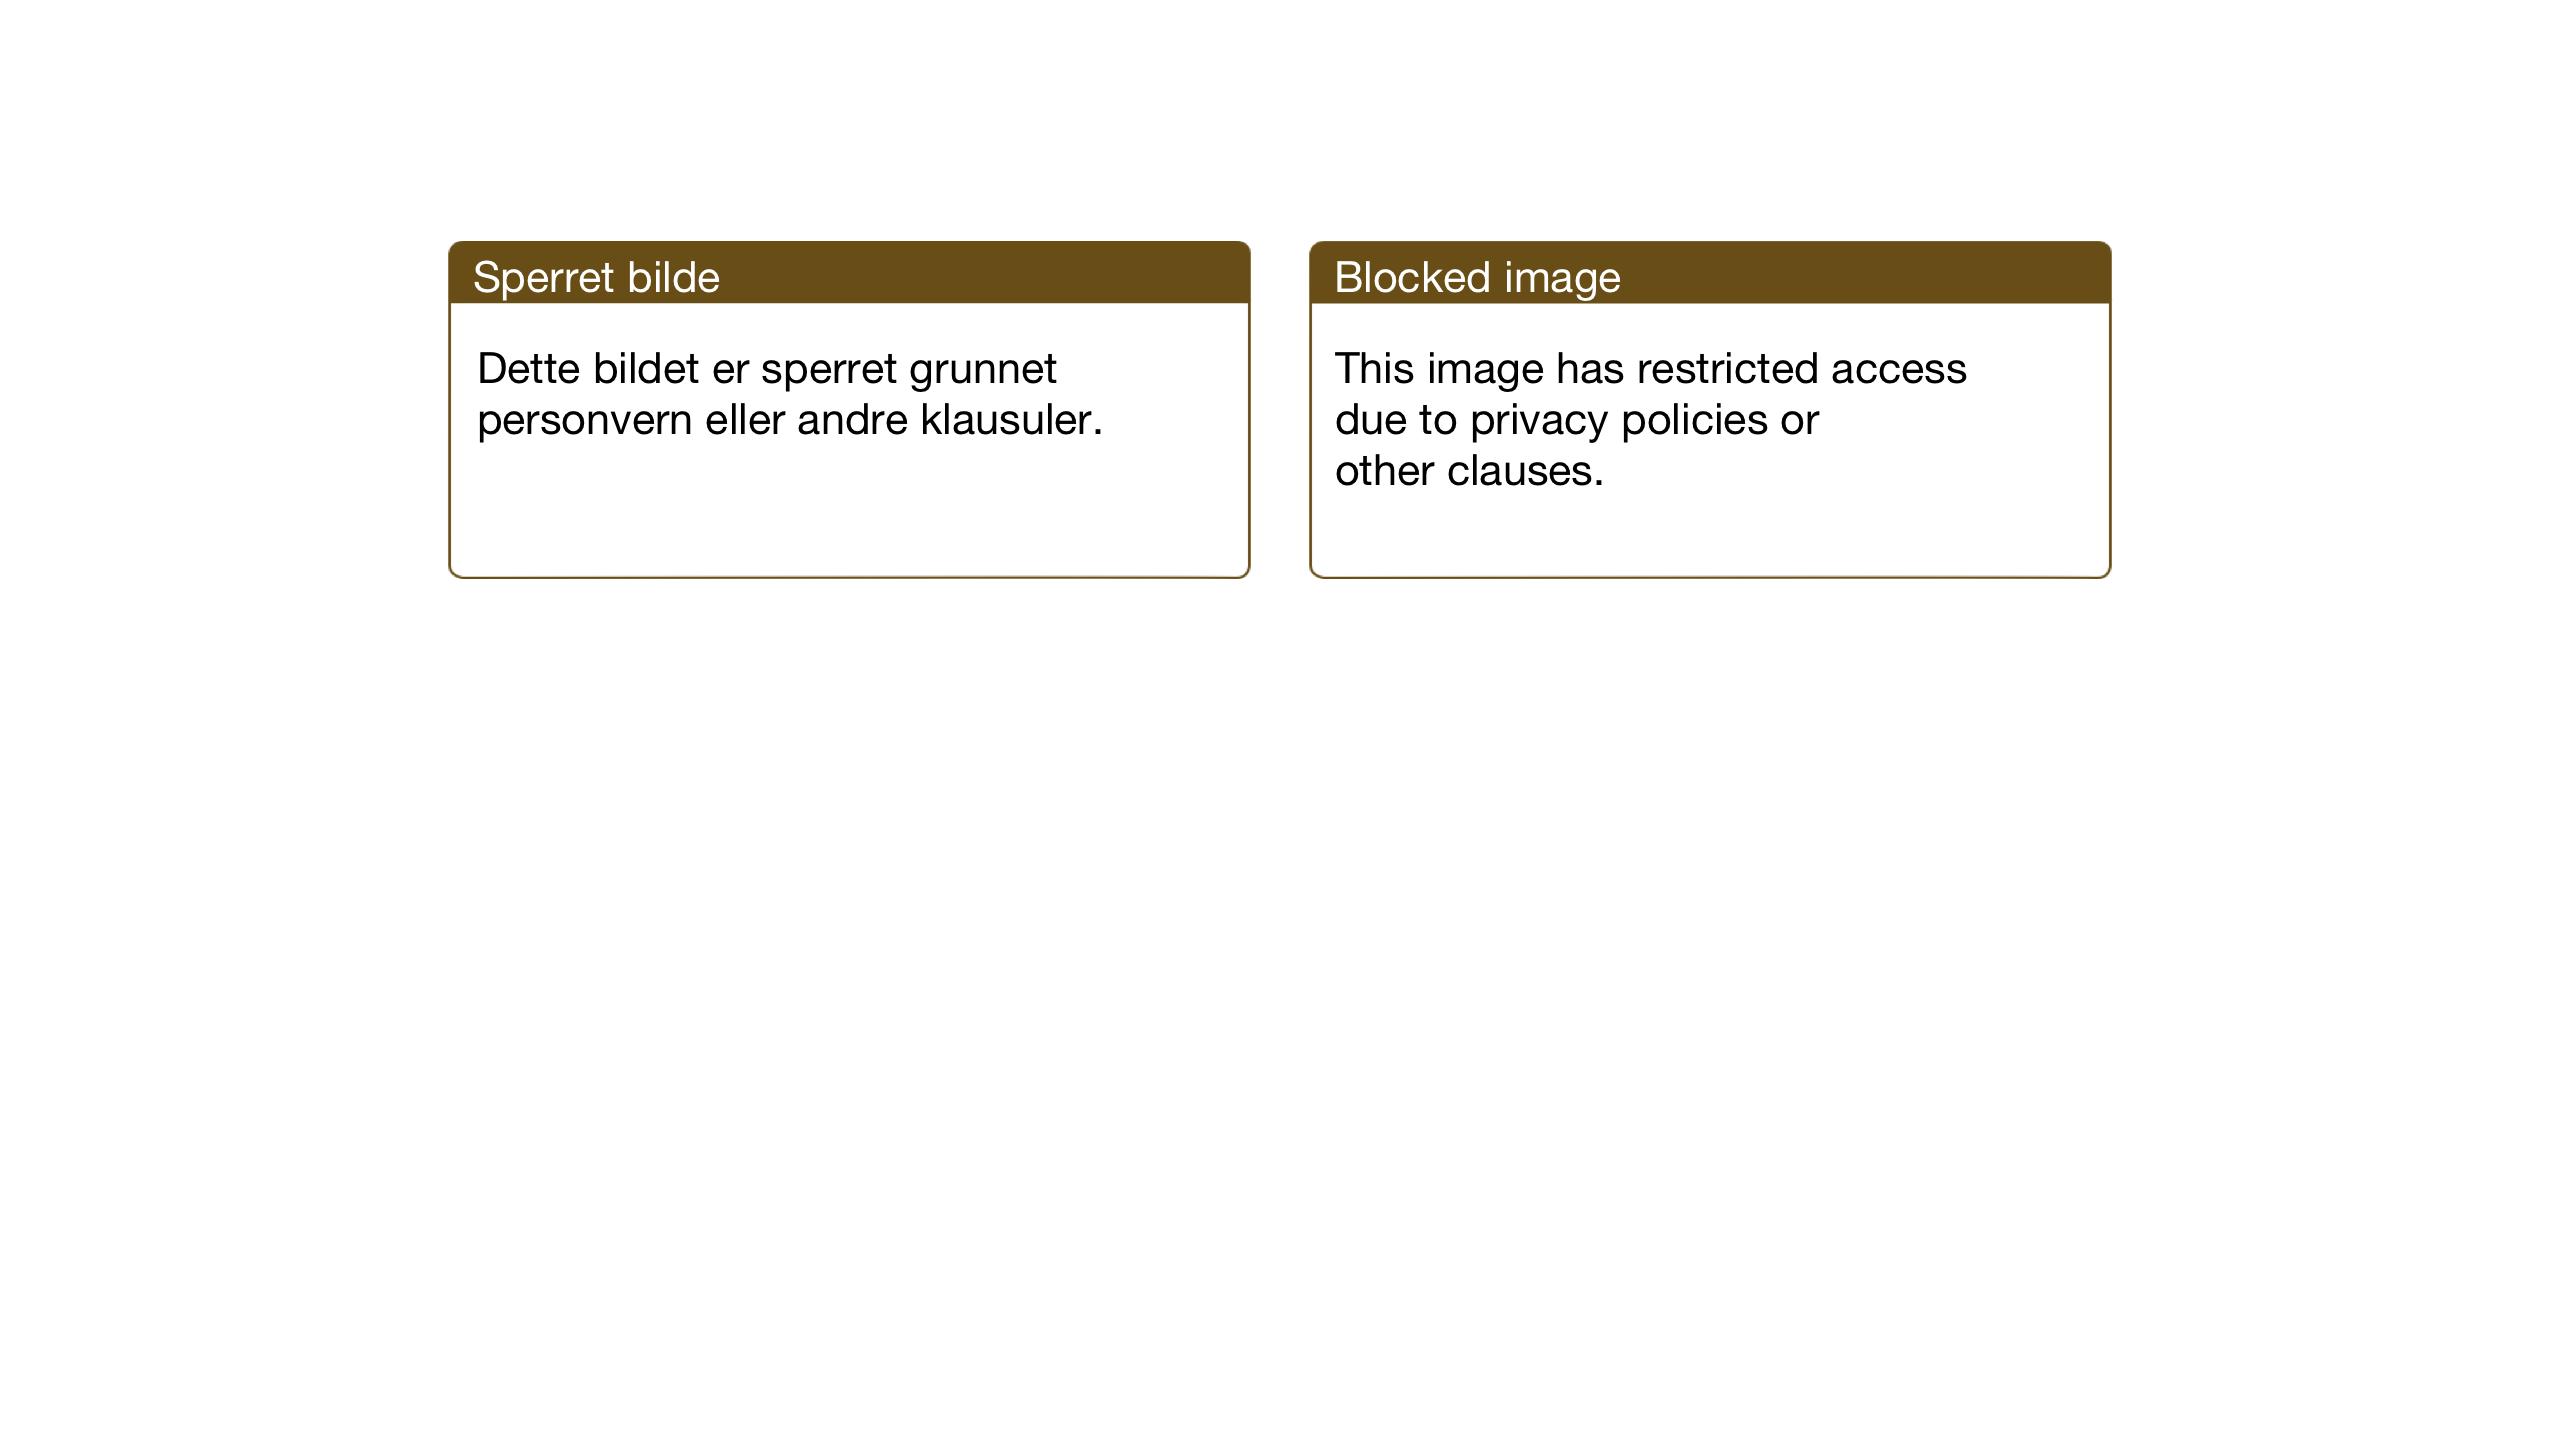 SAT, Ministerialprotokoller, klokkerbøker og fødselsregistre - Sør-Trøndelag, 682/L0947: Klokkerbok nr. 682C01, 1926-1968, s. 43